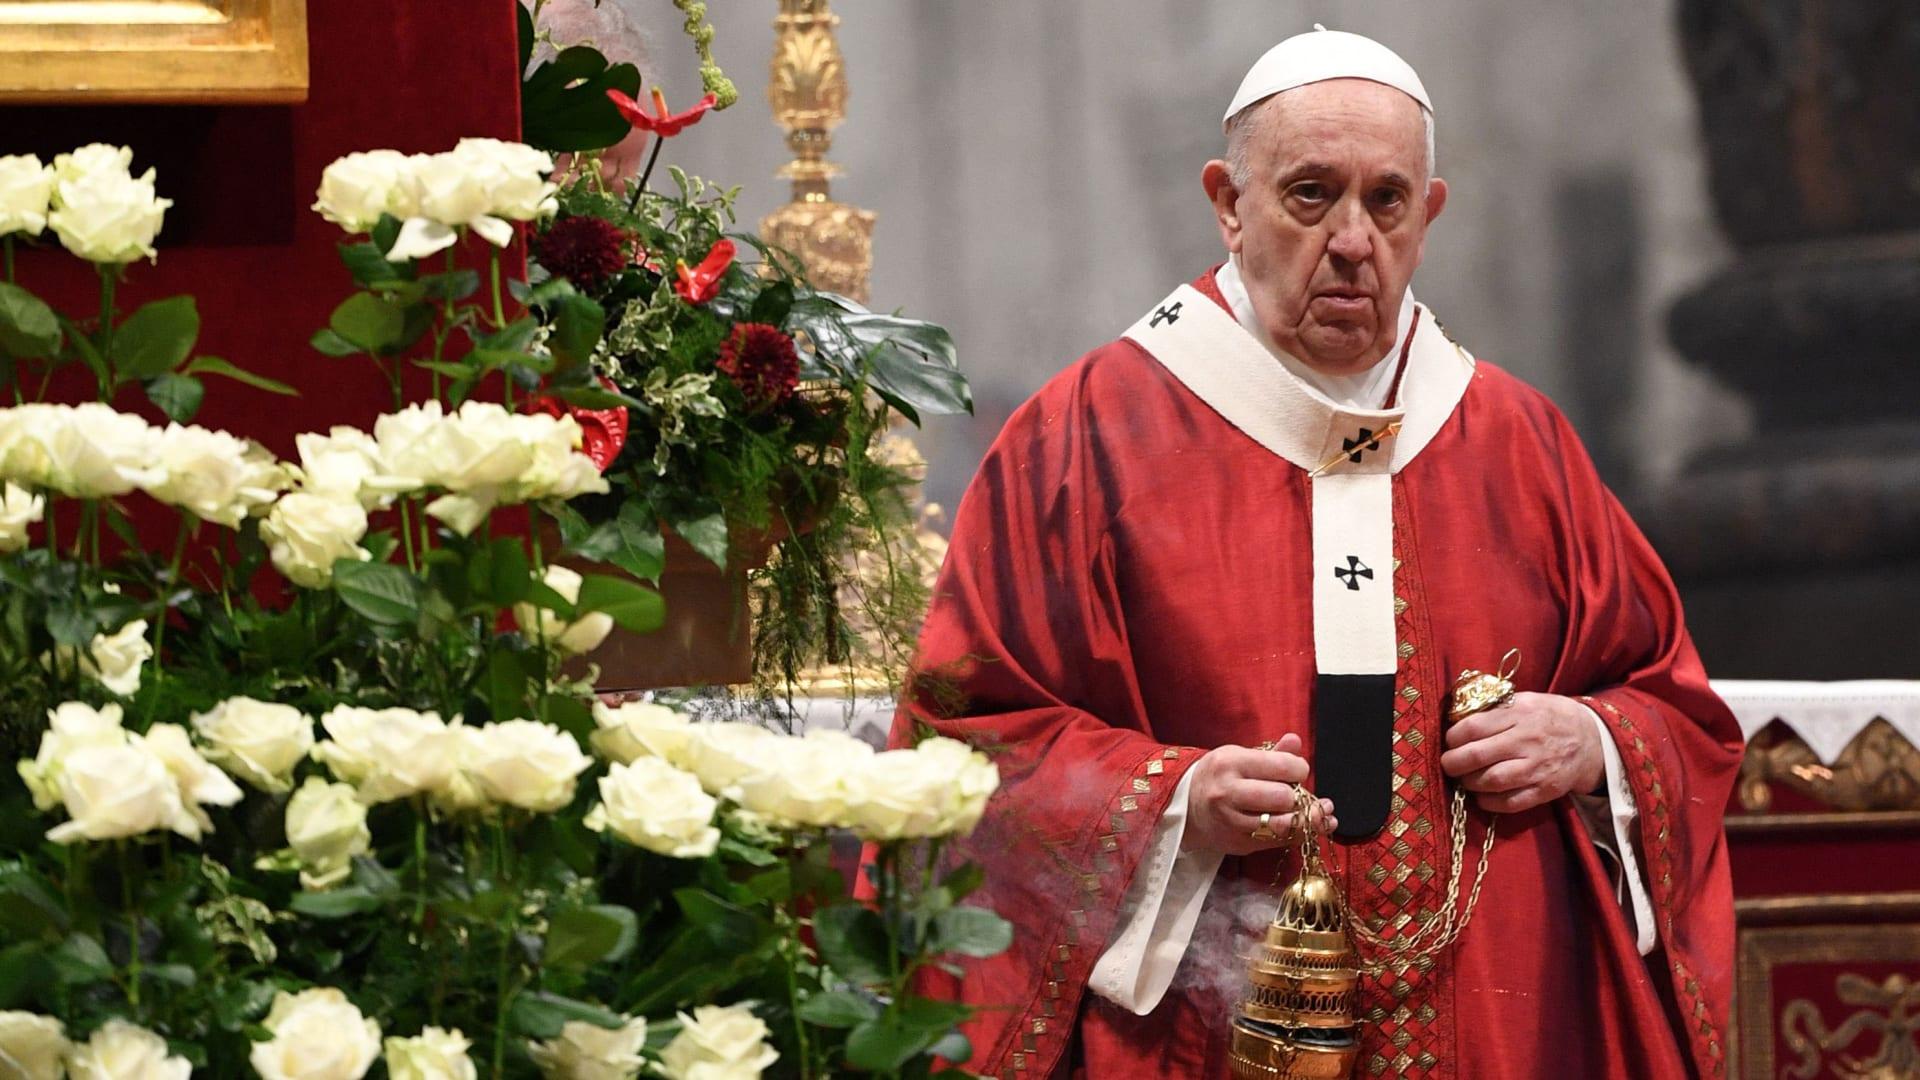 ما هو التهاب الرتج؟ طبيب يشرح الحالة الطبية للعملية الجراجية التي خضع لها البابا فرانسيس